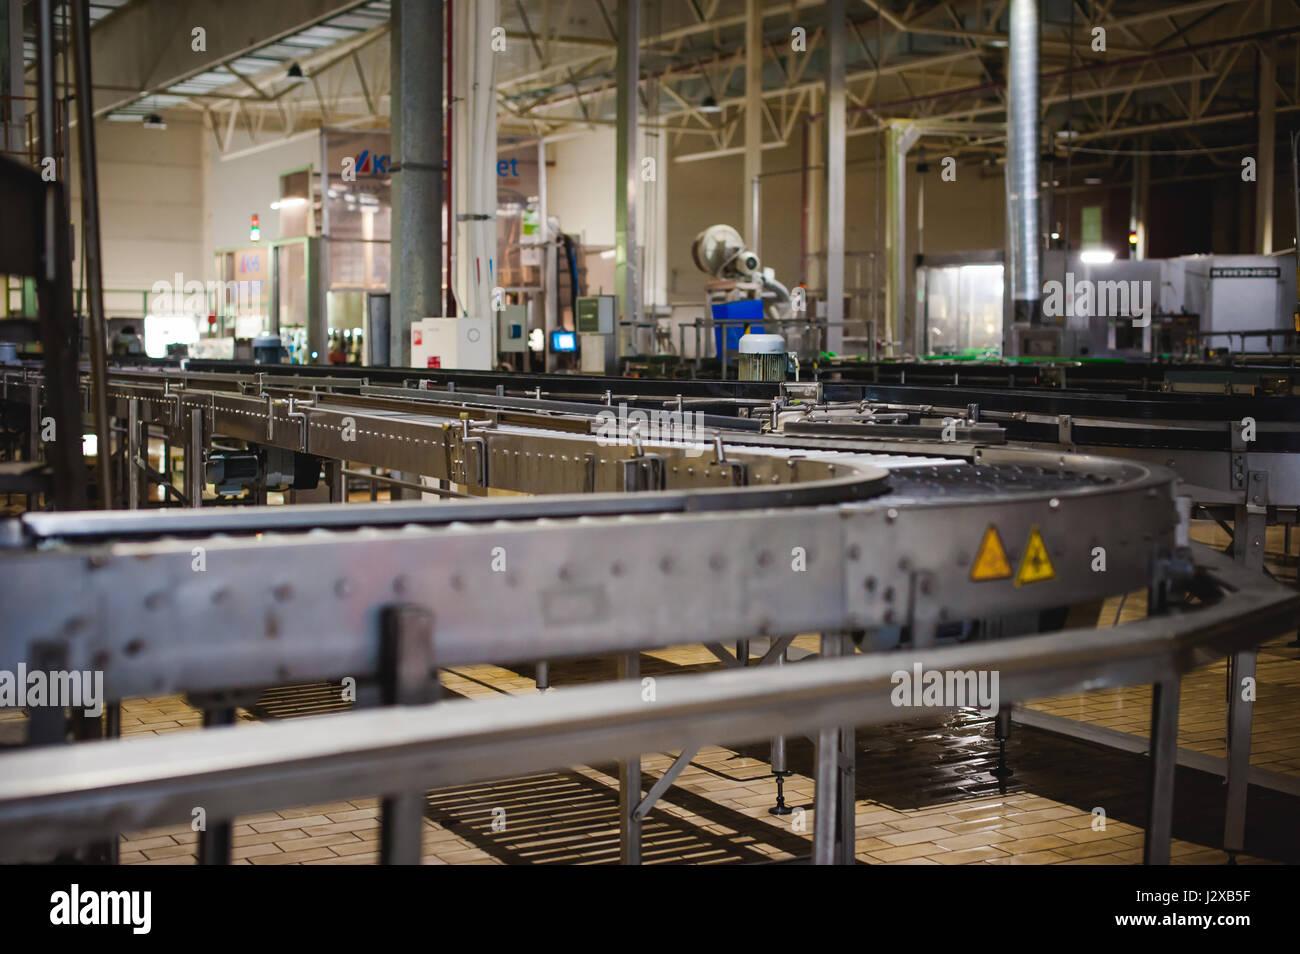 Línea de producción de la cerveza. Equipos para la protagonizaron la producción y envasado de productos terminados. Especial dispositivo tecnológico industrial en la fábrica Foto de stock